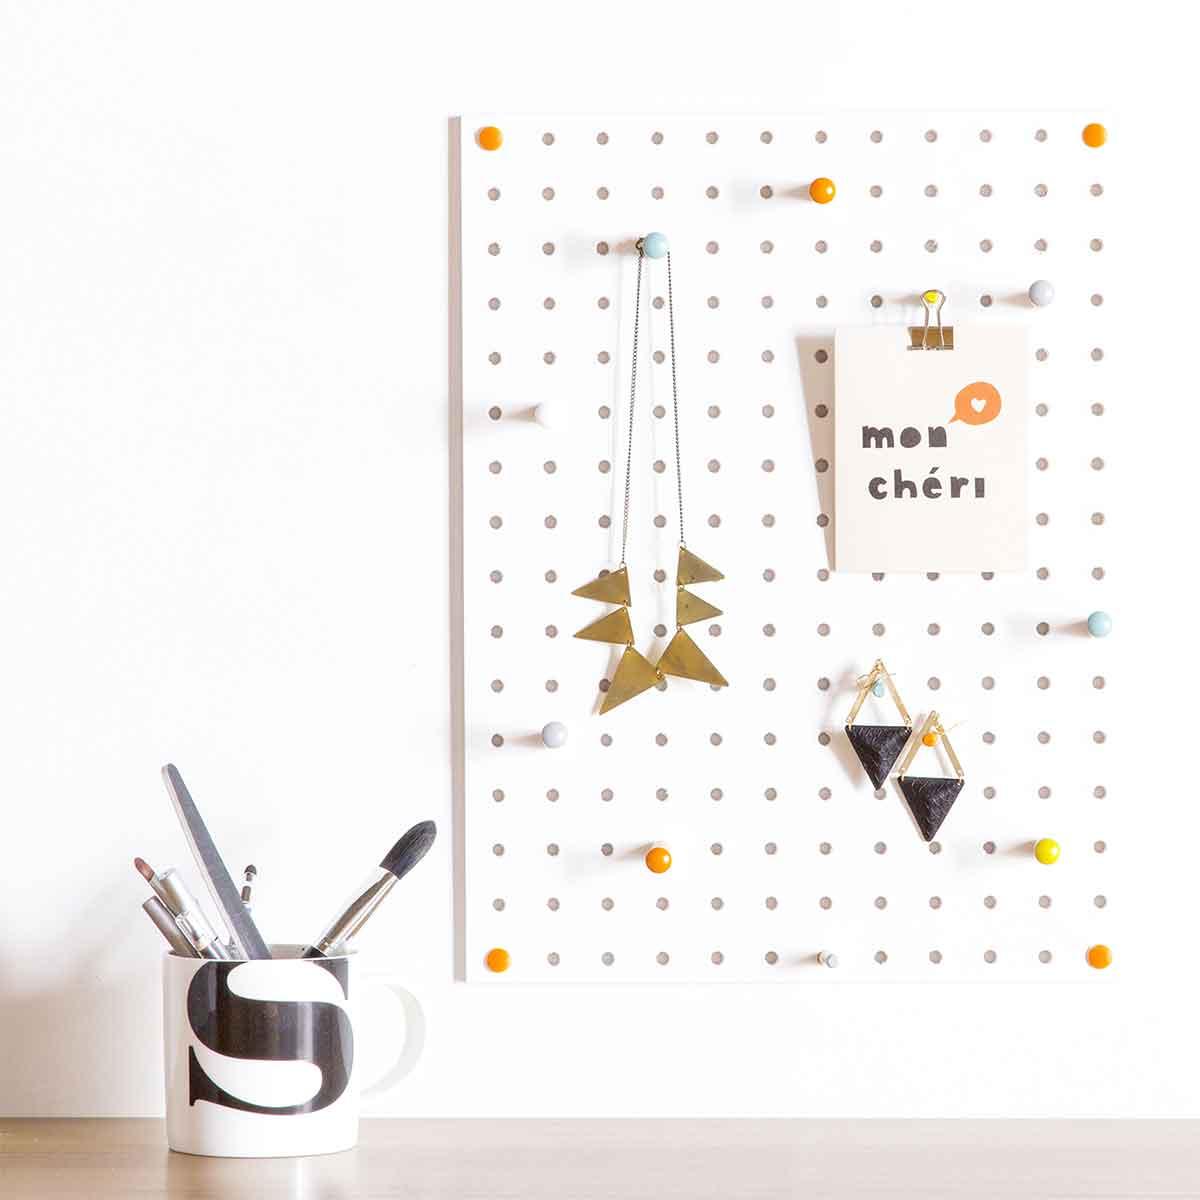 panneau perfor bois peint blanc rangement bijoux. Black Bedroom Furniture Sets. Home Design Ideas